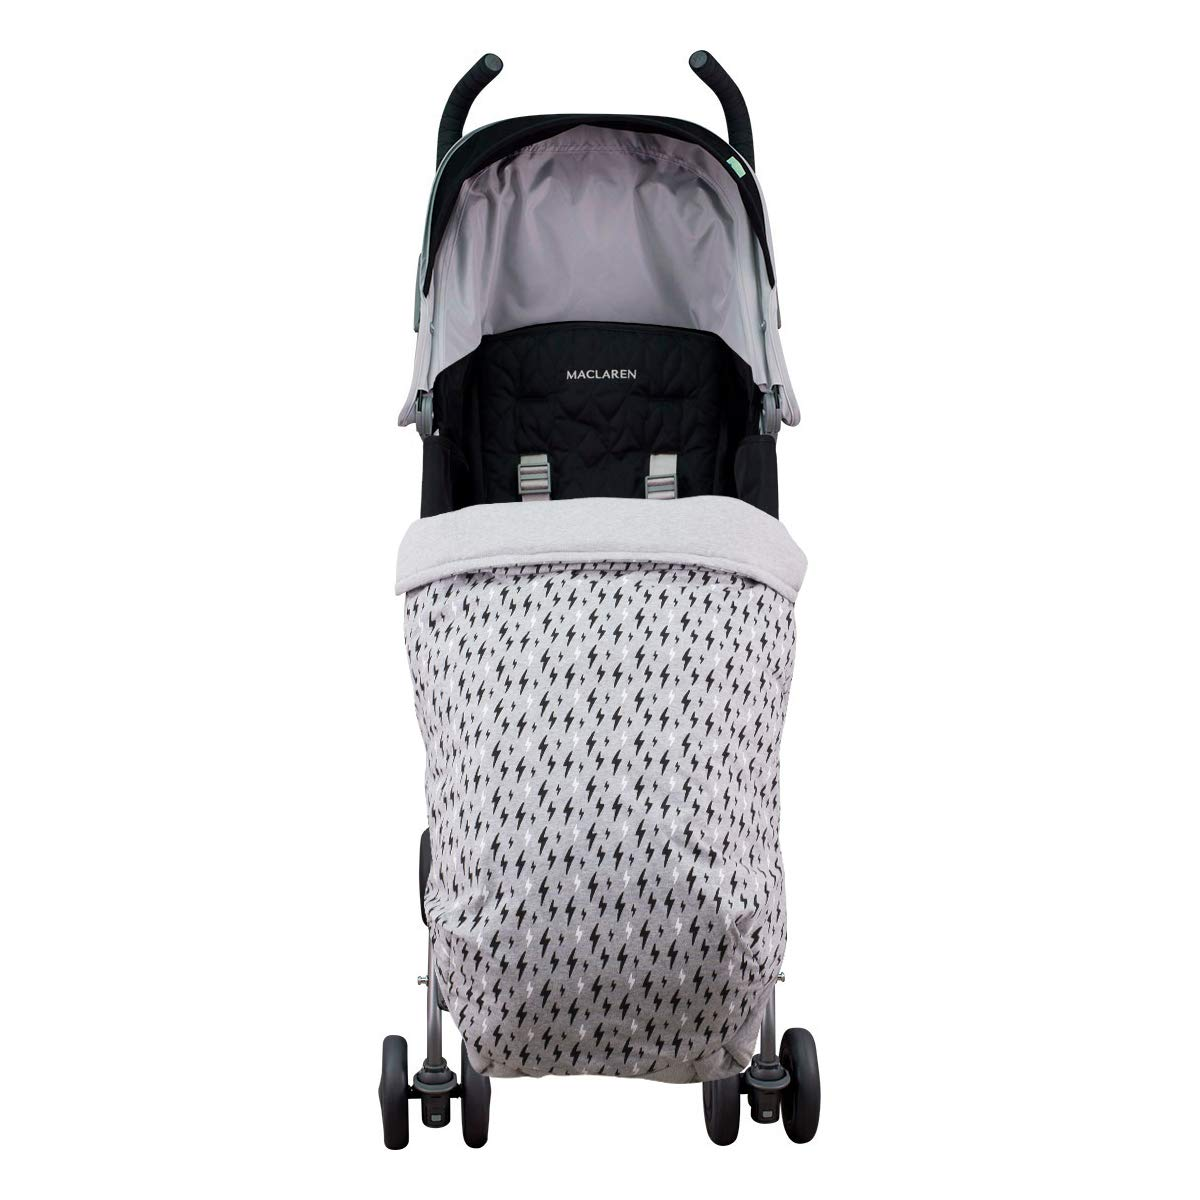 JANABEBE Manta saco cubre pies bebé universal Impermeabilizado (BLACK RAYO, ALGODÓN): Amazon.es: Bebé